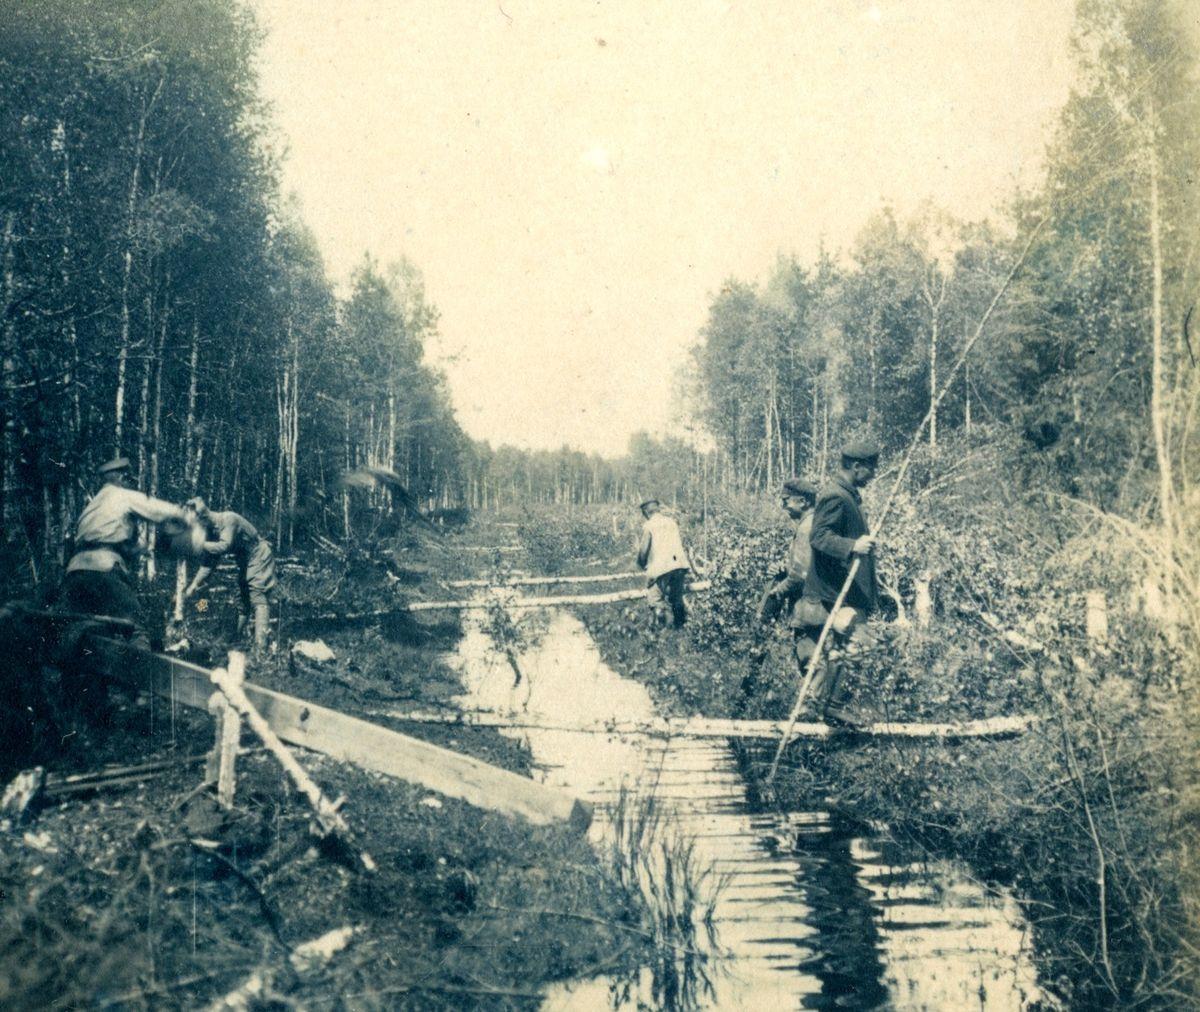 Польская и большевистская пограничные комиссии определяют «рижскую границу» под Радошковичами. Весна 1921 года, все фото взяты с сайта tut.by